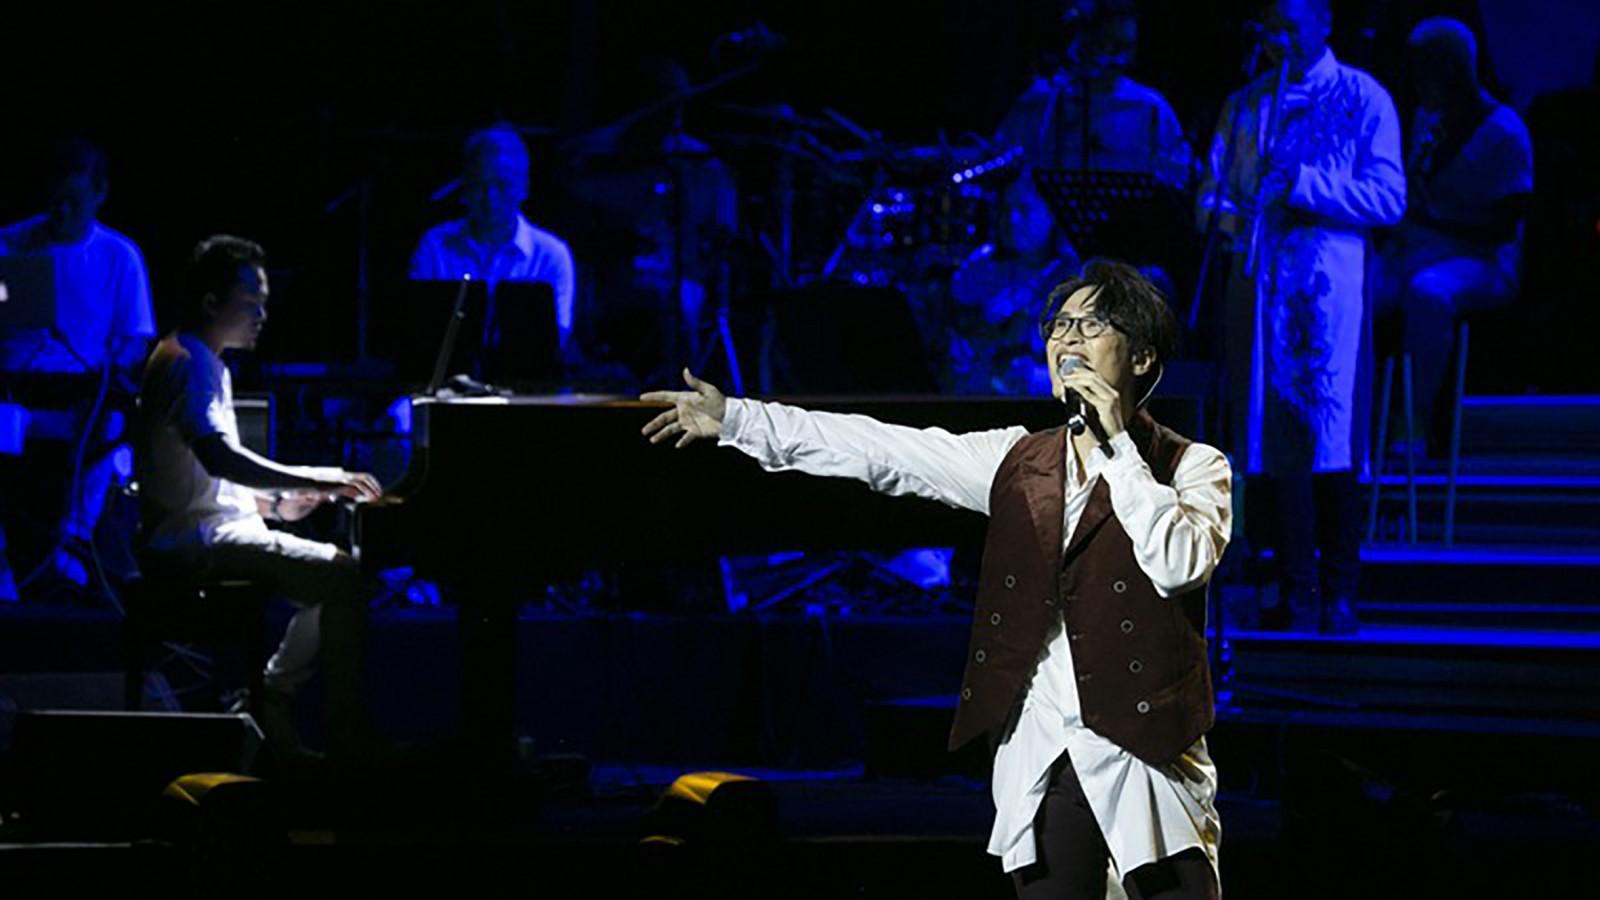 Ca sĩ Hà Anh Tuấn vừa thắng lớn với chuỗi liveshow tổ chức tại nhiều địa phương trong cả nước. Trong ảnh: Hà Anh Tuấn biểu diễn tại Hội An. Ảnh: truyenhinhthanhhoa.vn